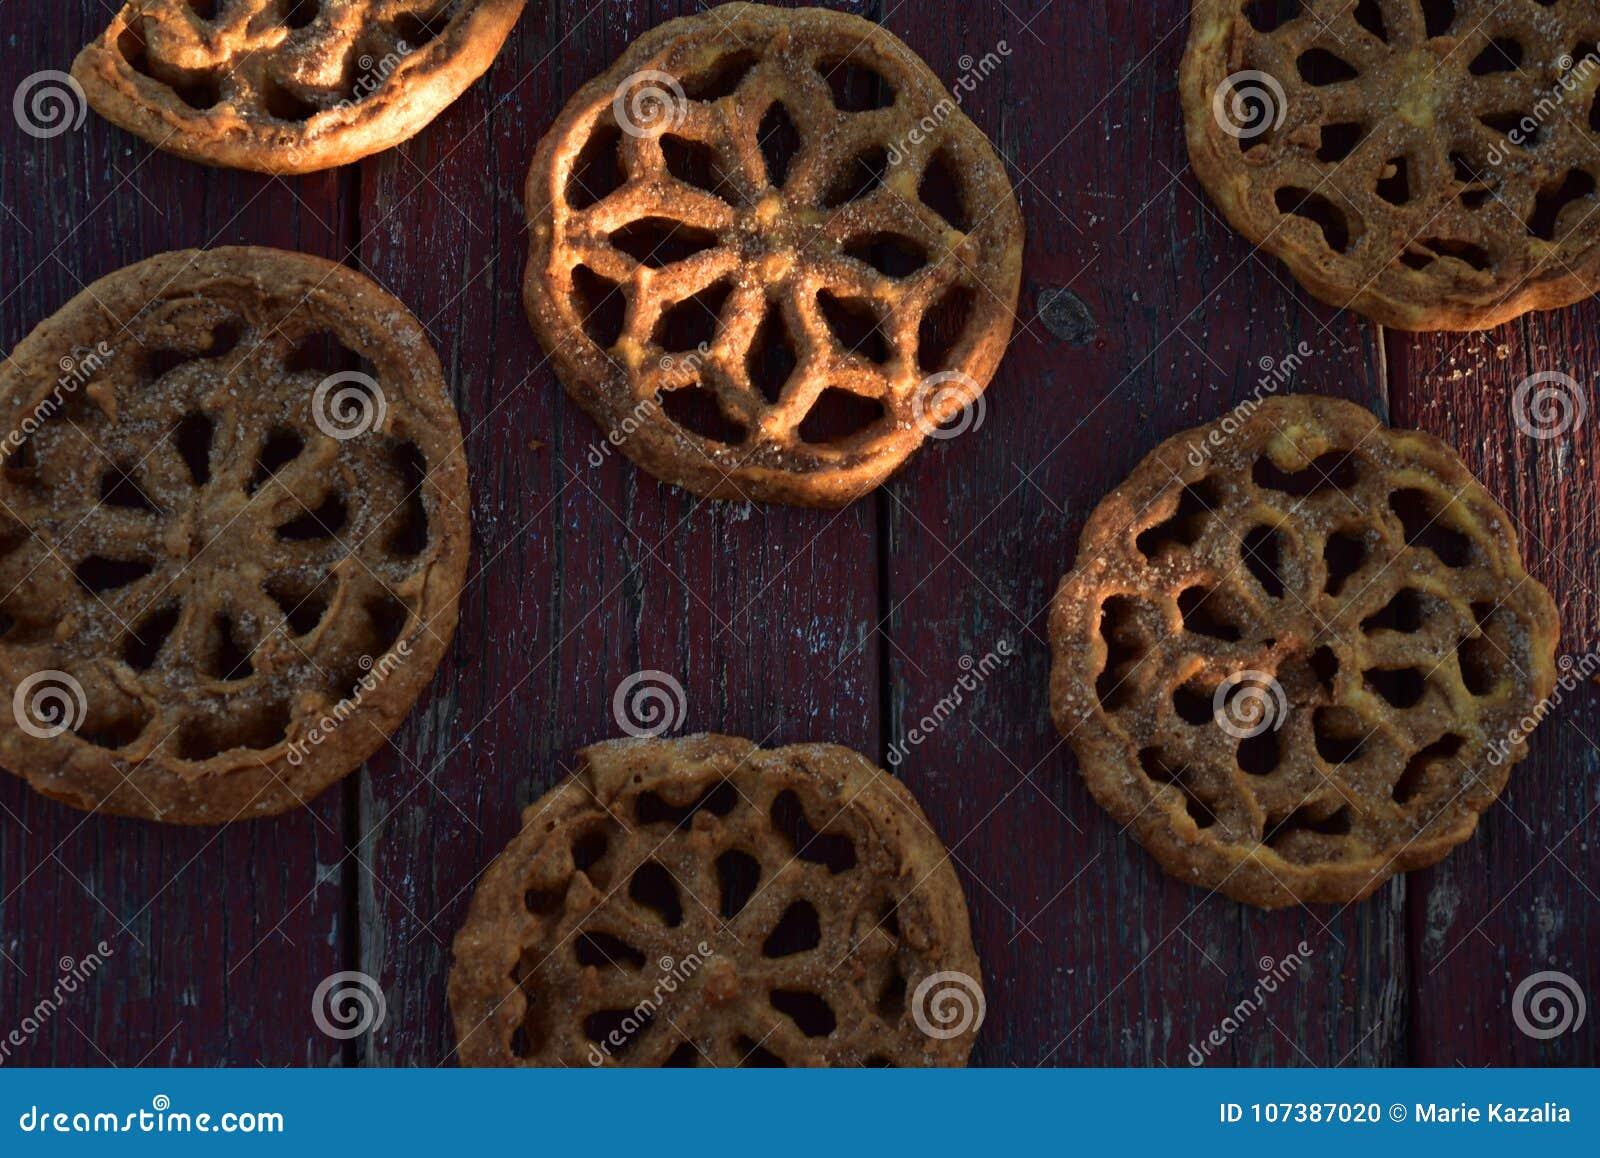 Sweet Mexican food cookies pastries Bunuelos